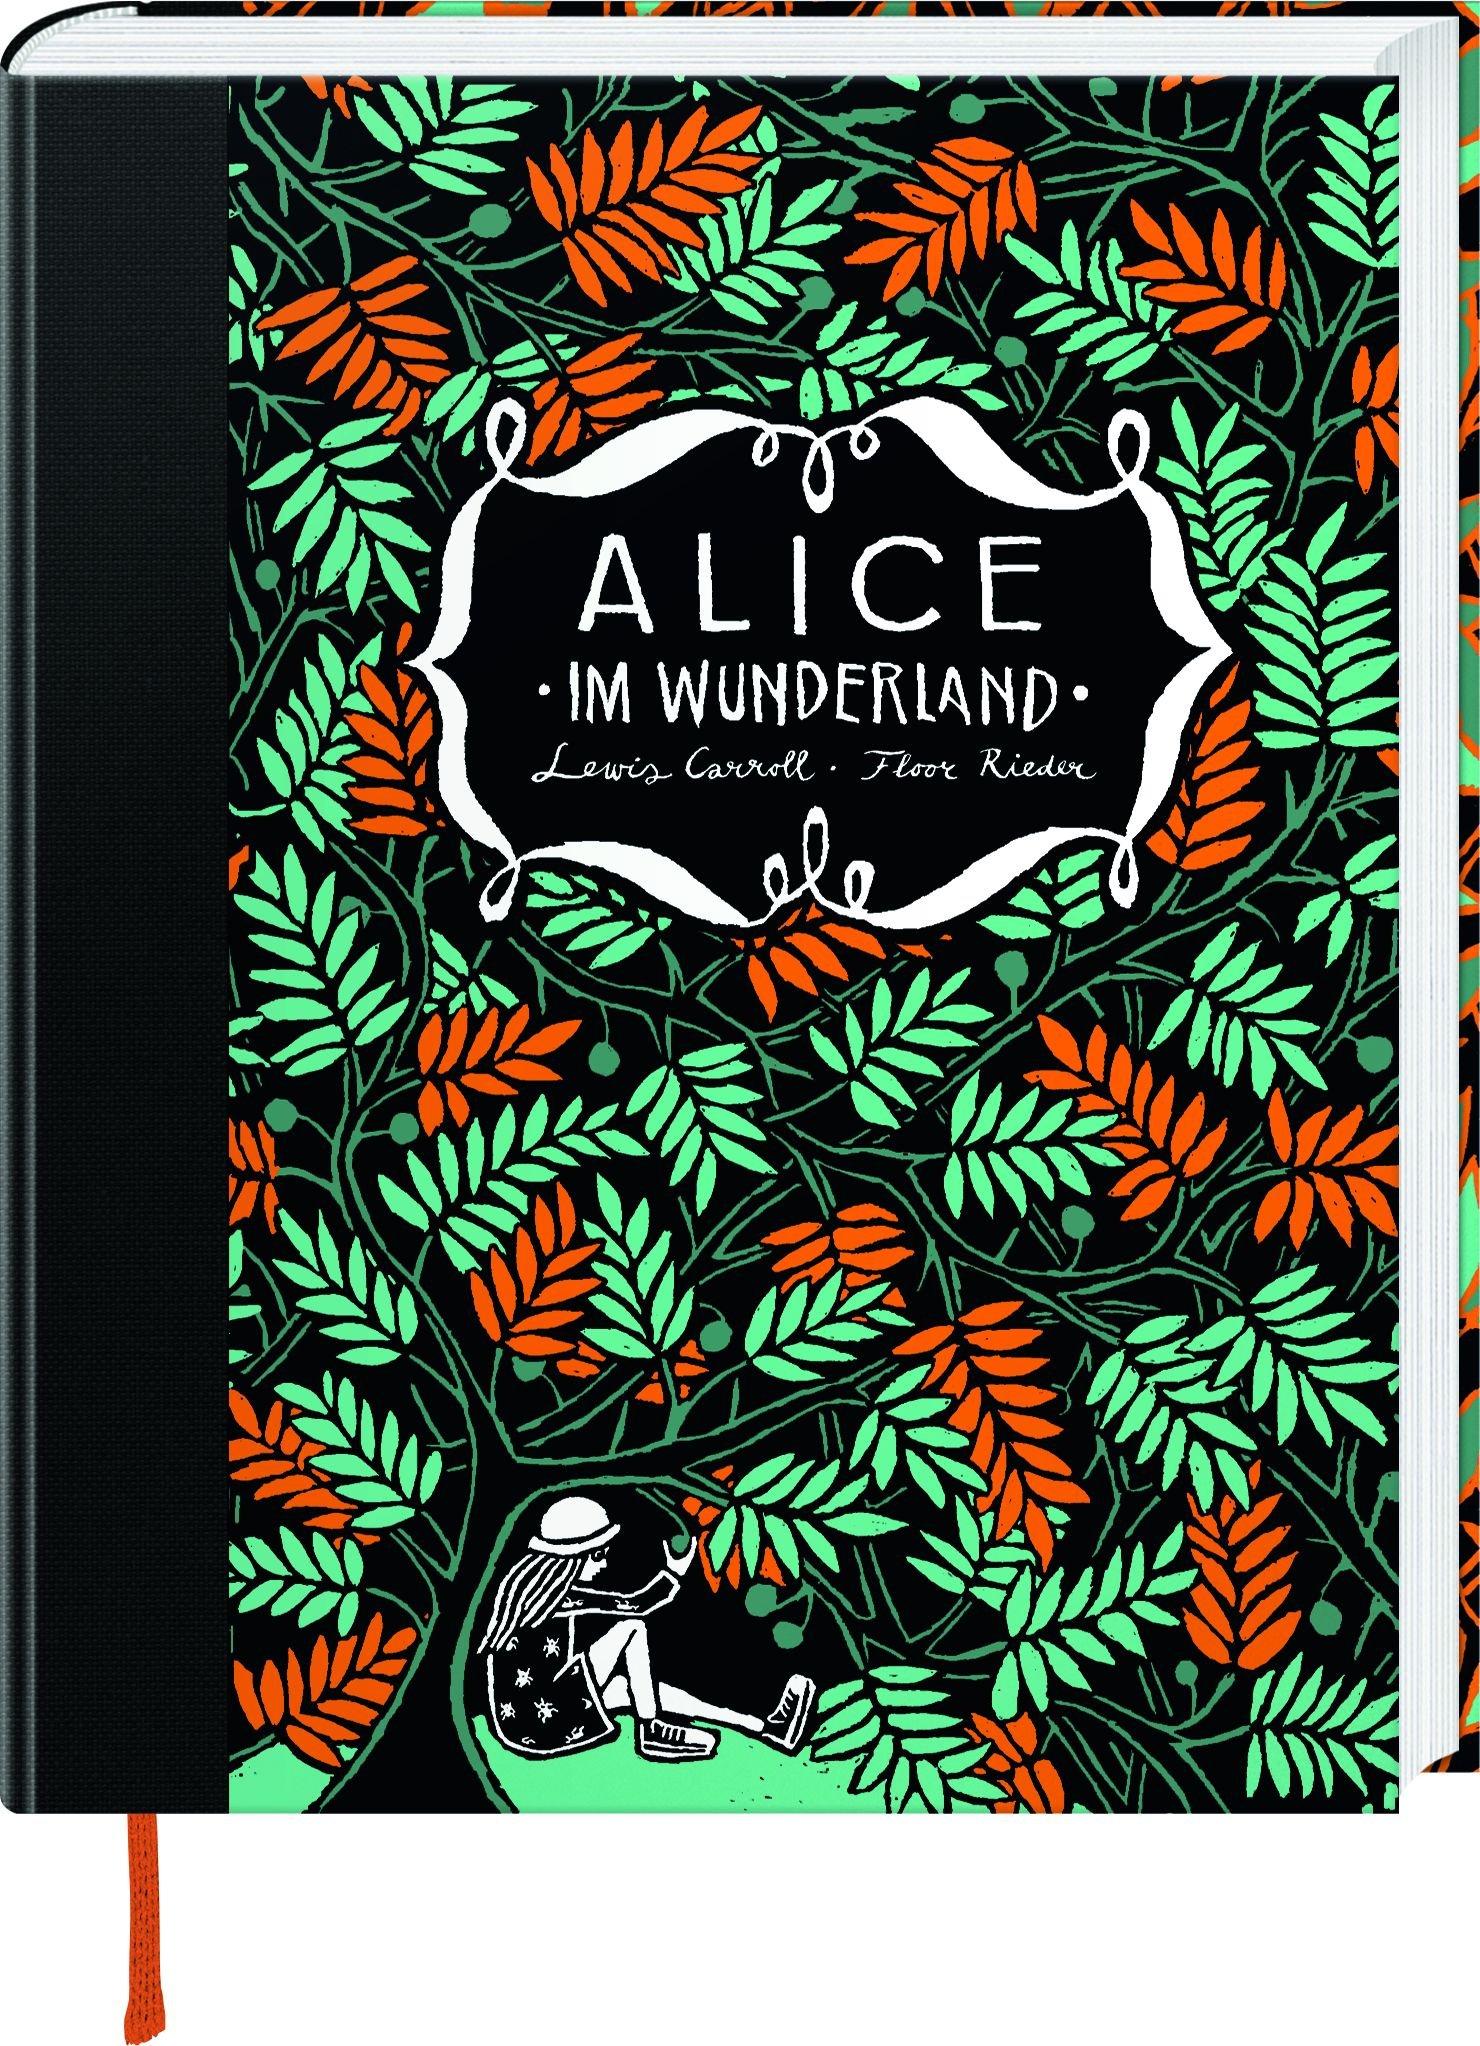 Schöne Alice Im Wunderland Zitate Buch Bilder Zu